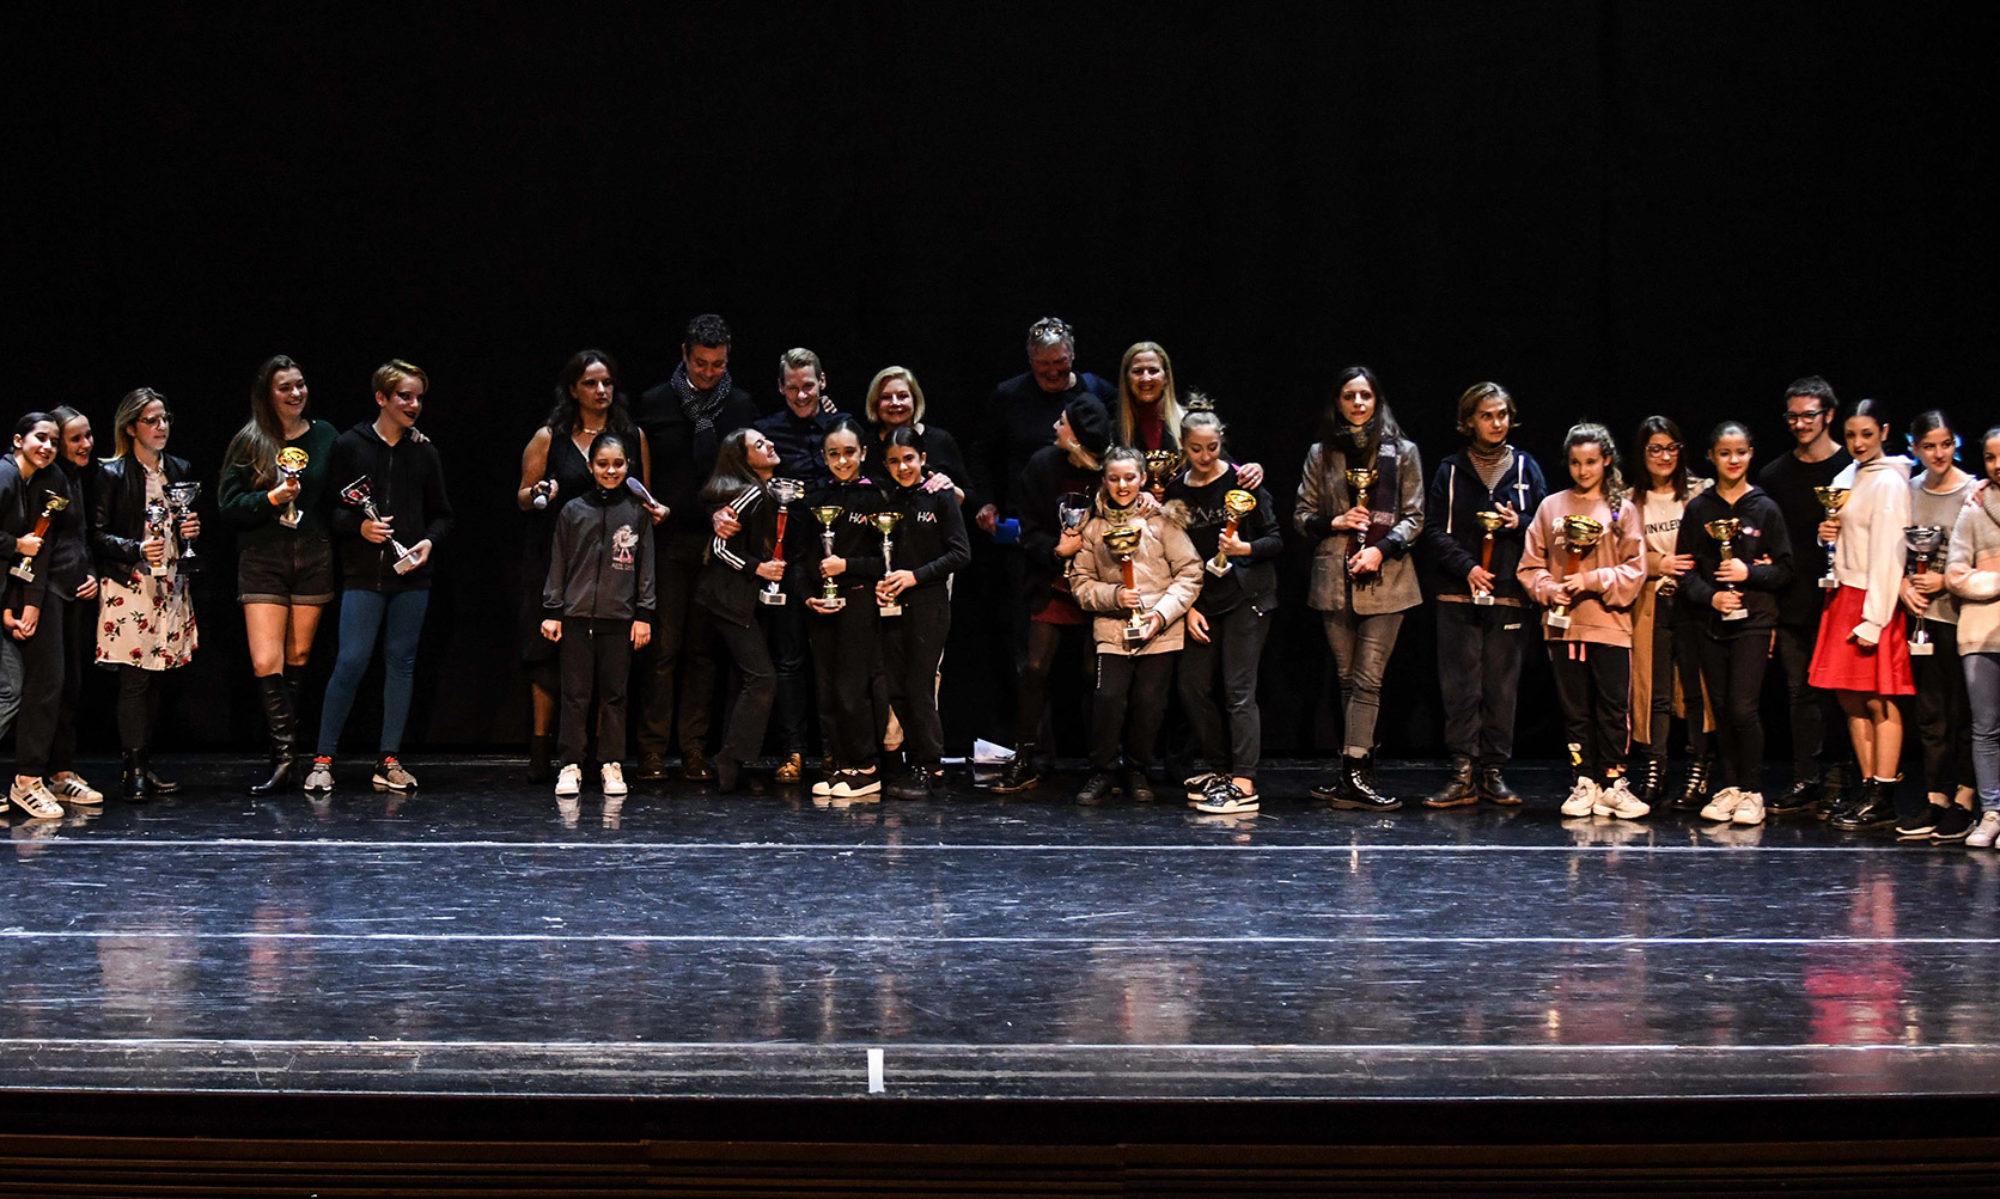 XII Premio Internazionale di Danza San Nicola